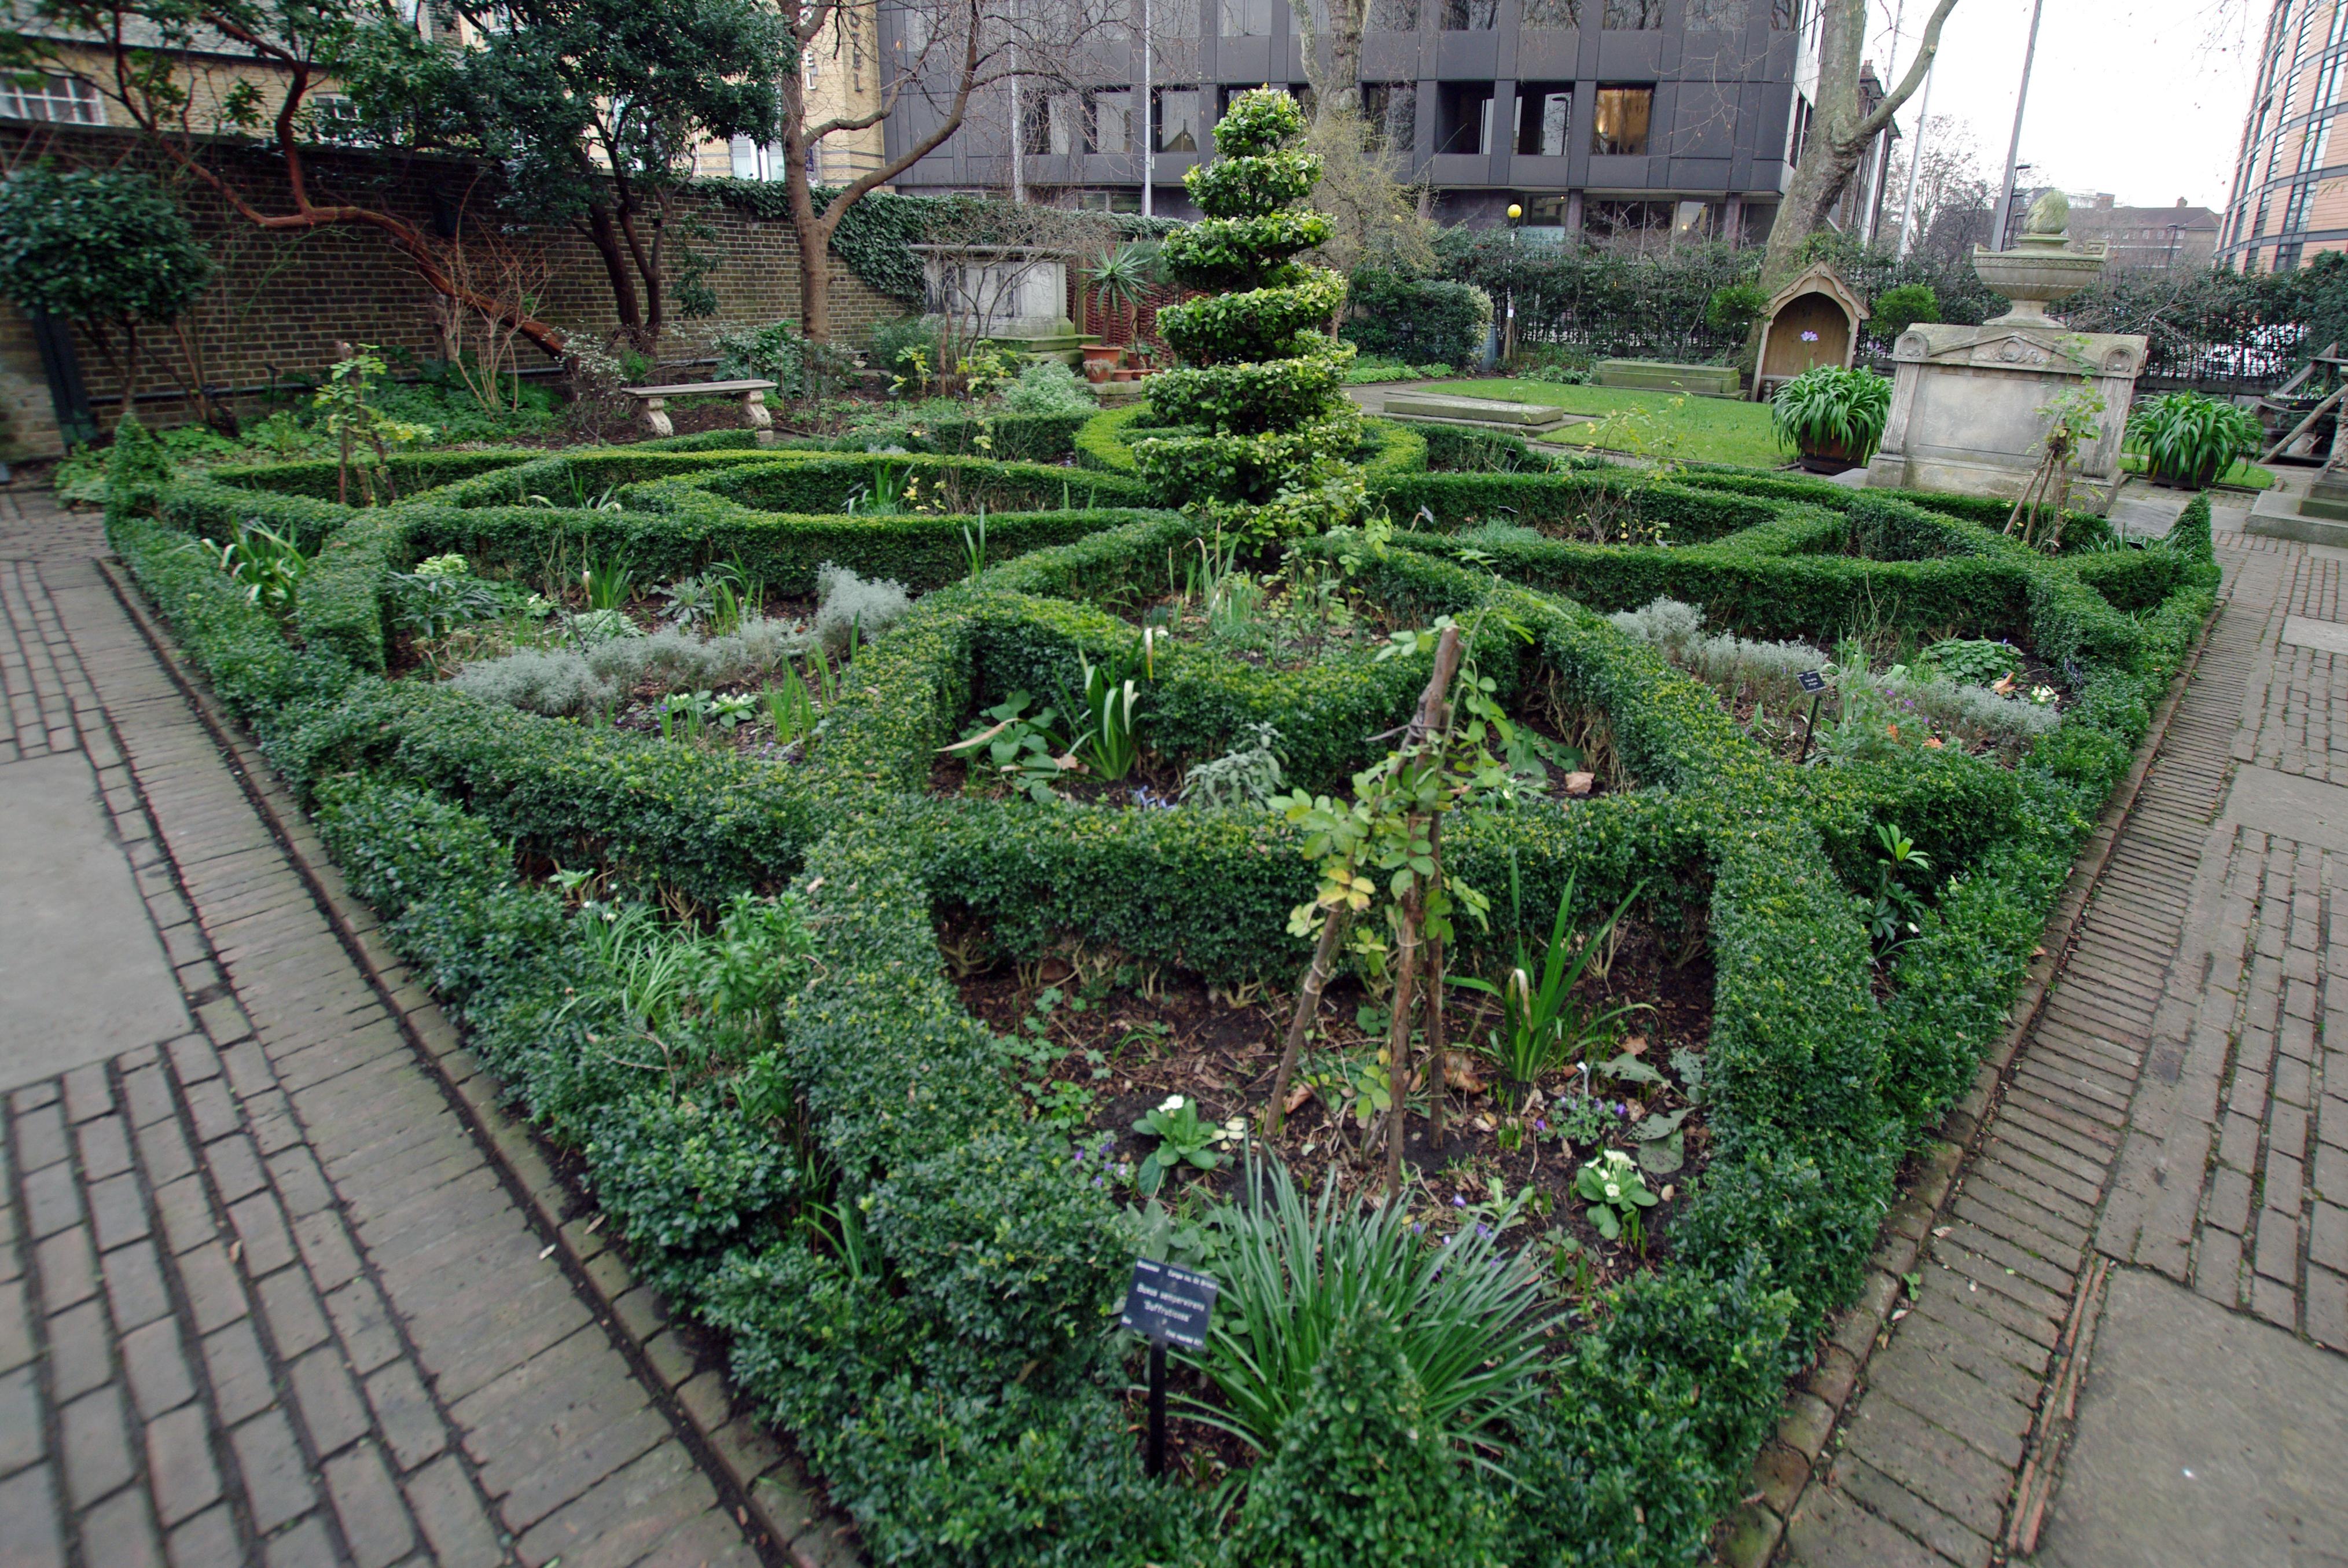 london_garden_museum_-14_knot_garden.jpg